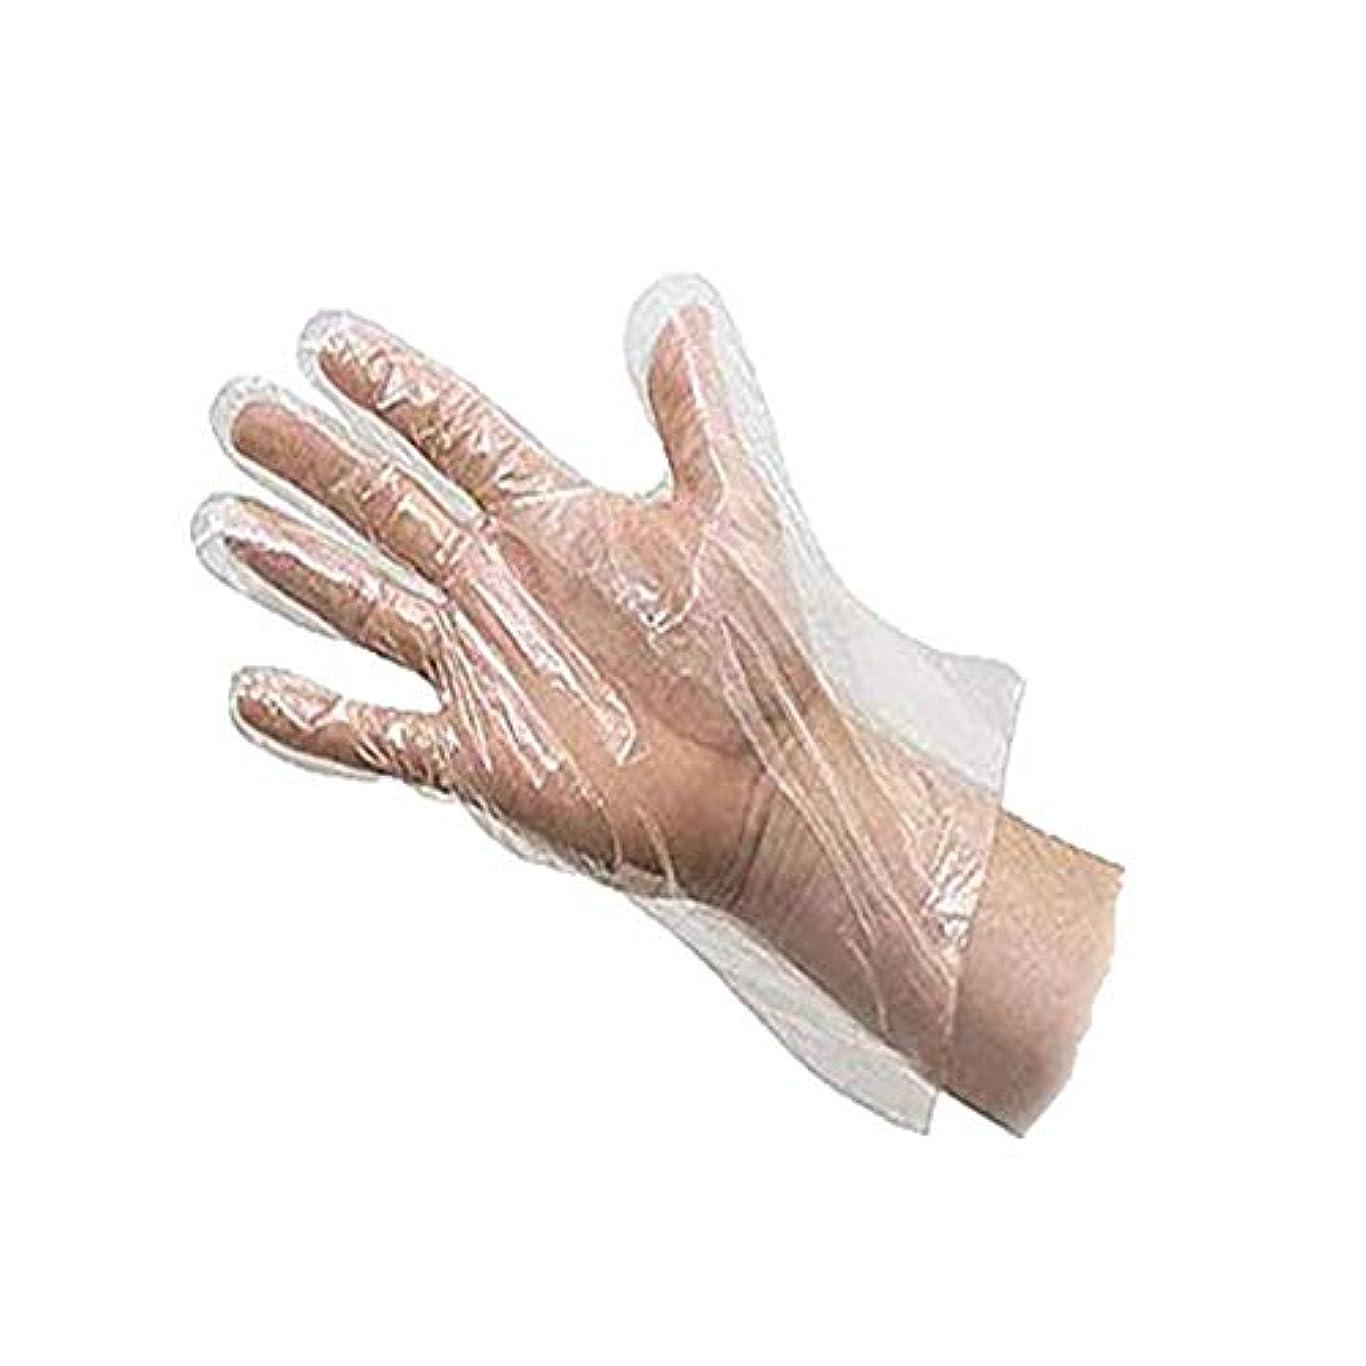 革新お母さん症候群Outflower 使い捨て手袋 調理用 食品 プラスチック ホワイト 粉なし 食品衛生 透明 左右兼用 薄型 ビニール極薄手袋 100枚入り